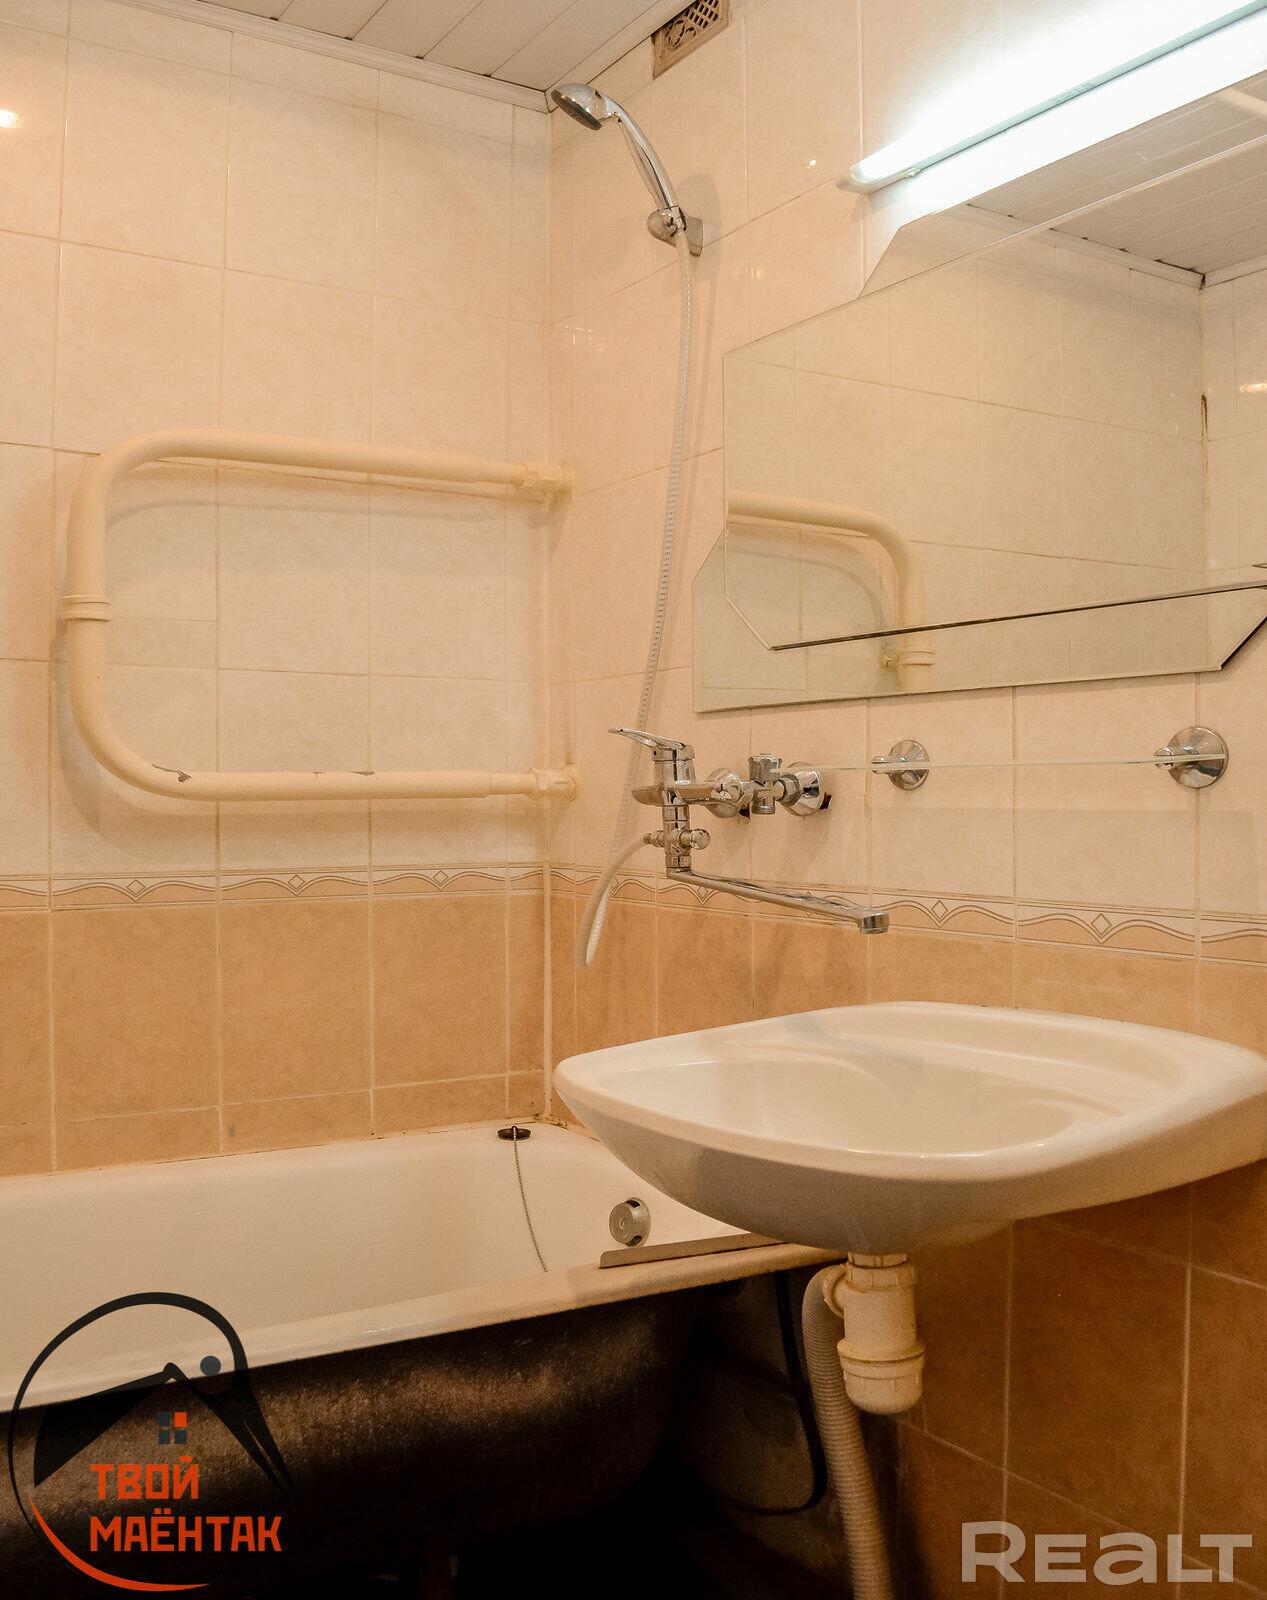 Продается 1 комнатная квартира, ул. Лучины д.46 - фото №14